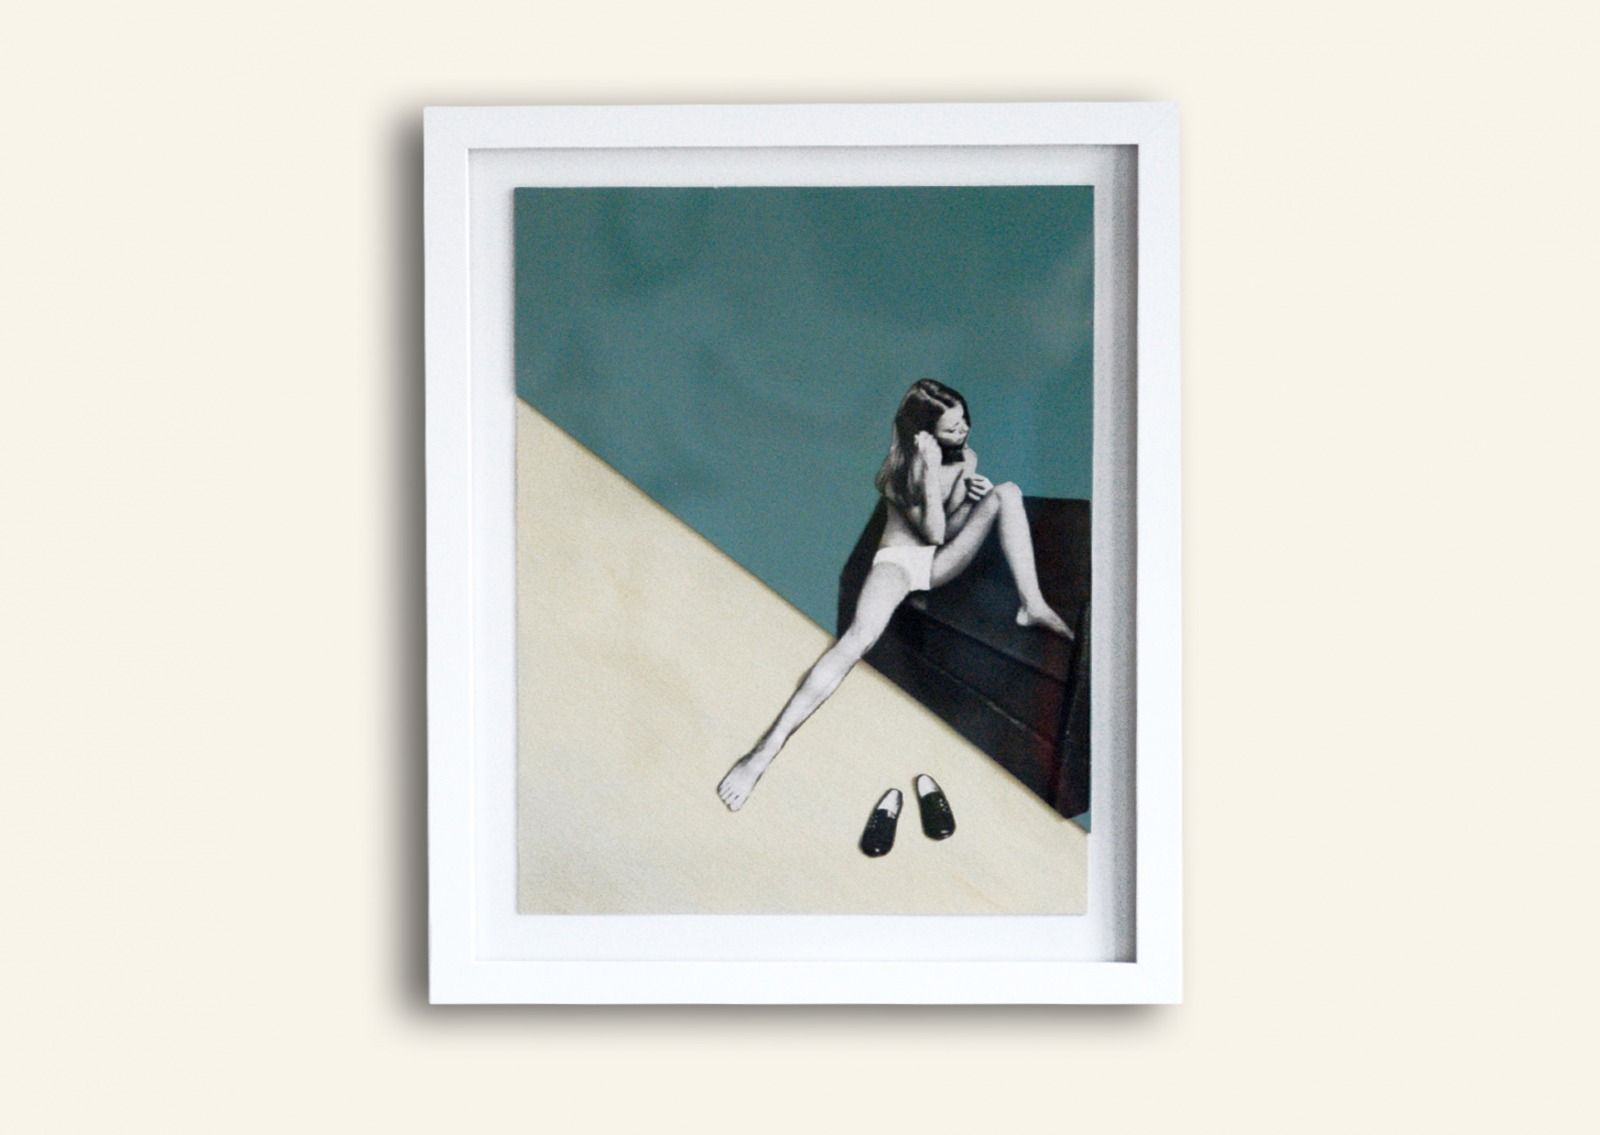 Maedchen mit Haarbuerste Collage Poster Kunstdruck A3